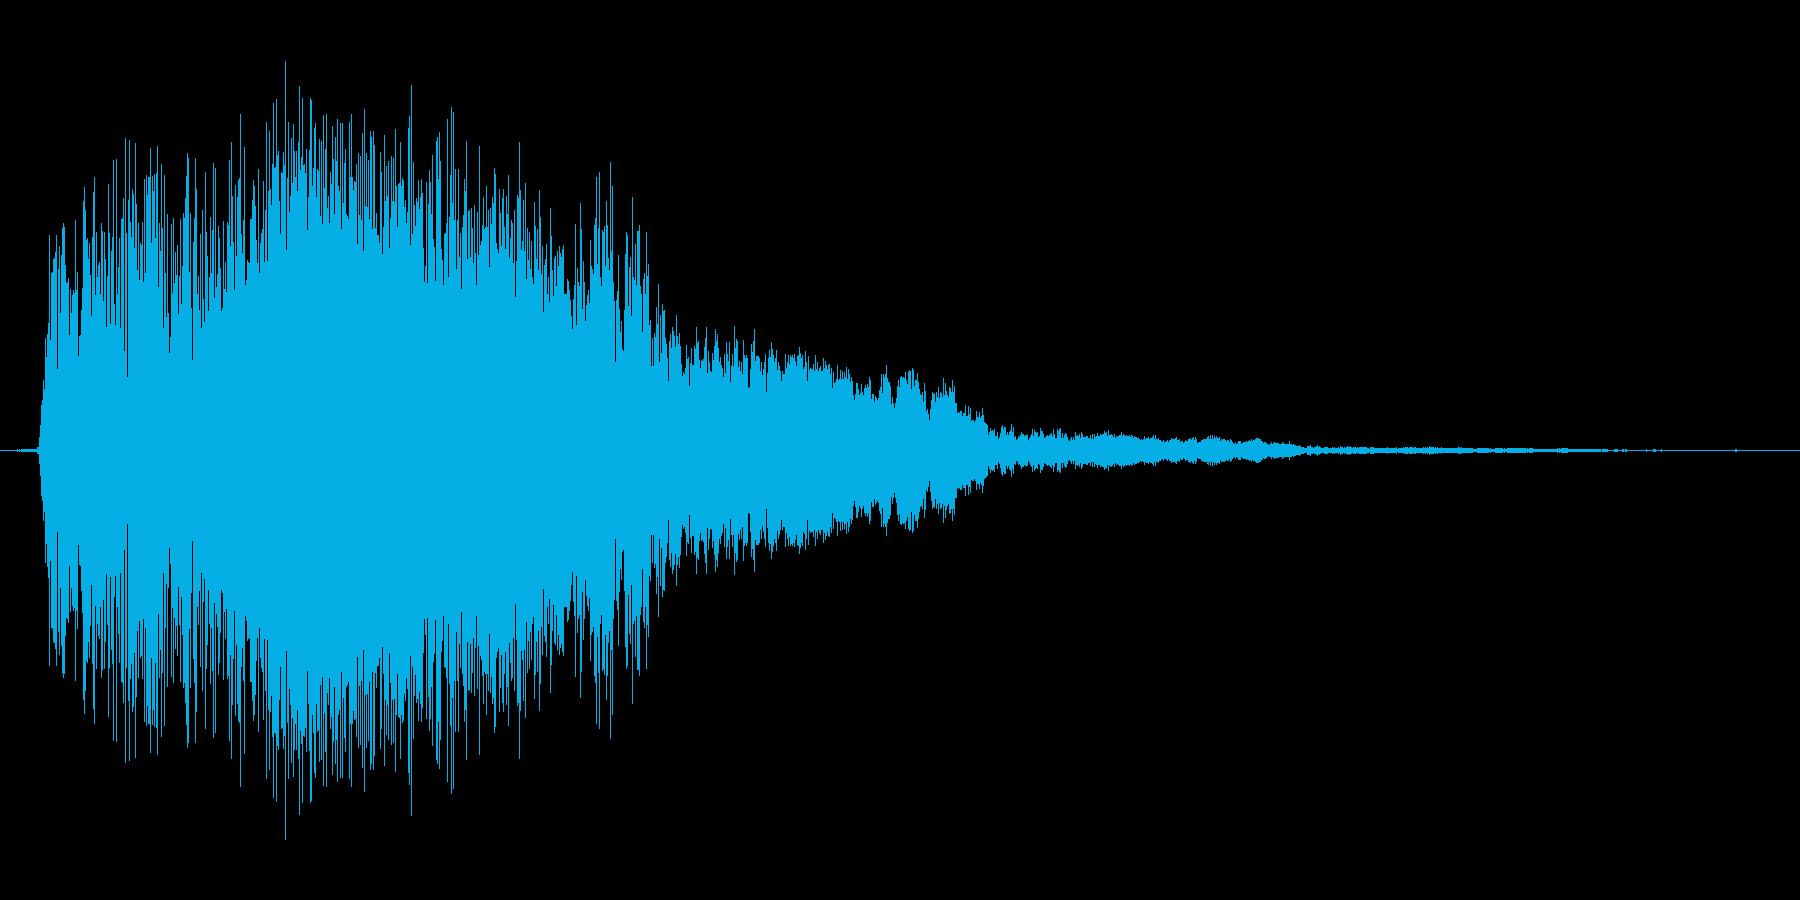 武器_金属_ヒット_攻撃_防御_04の再生済みの波形